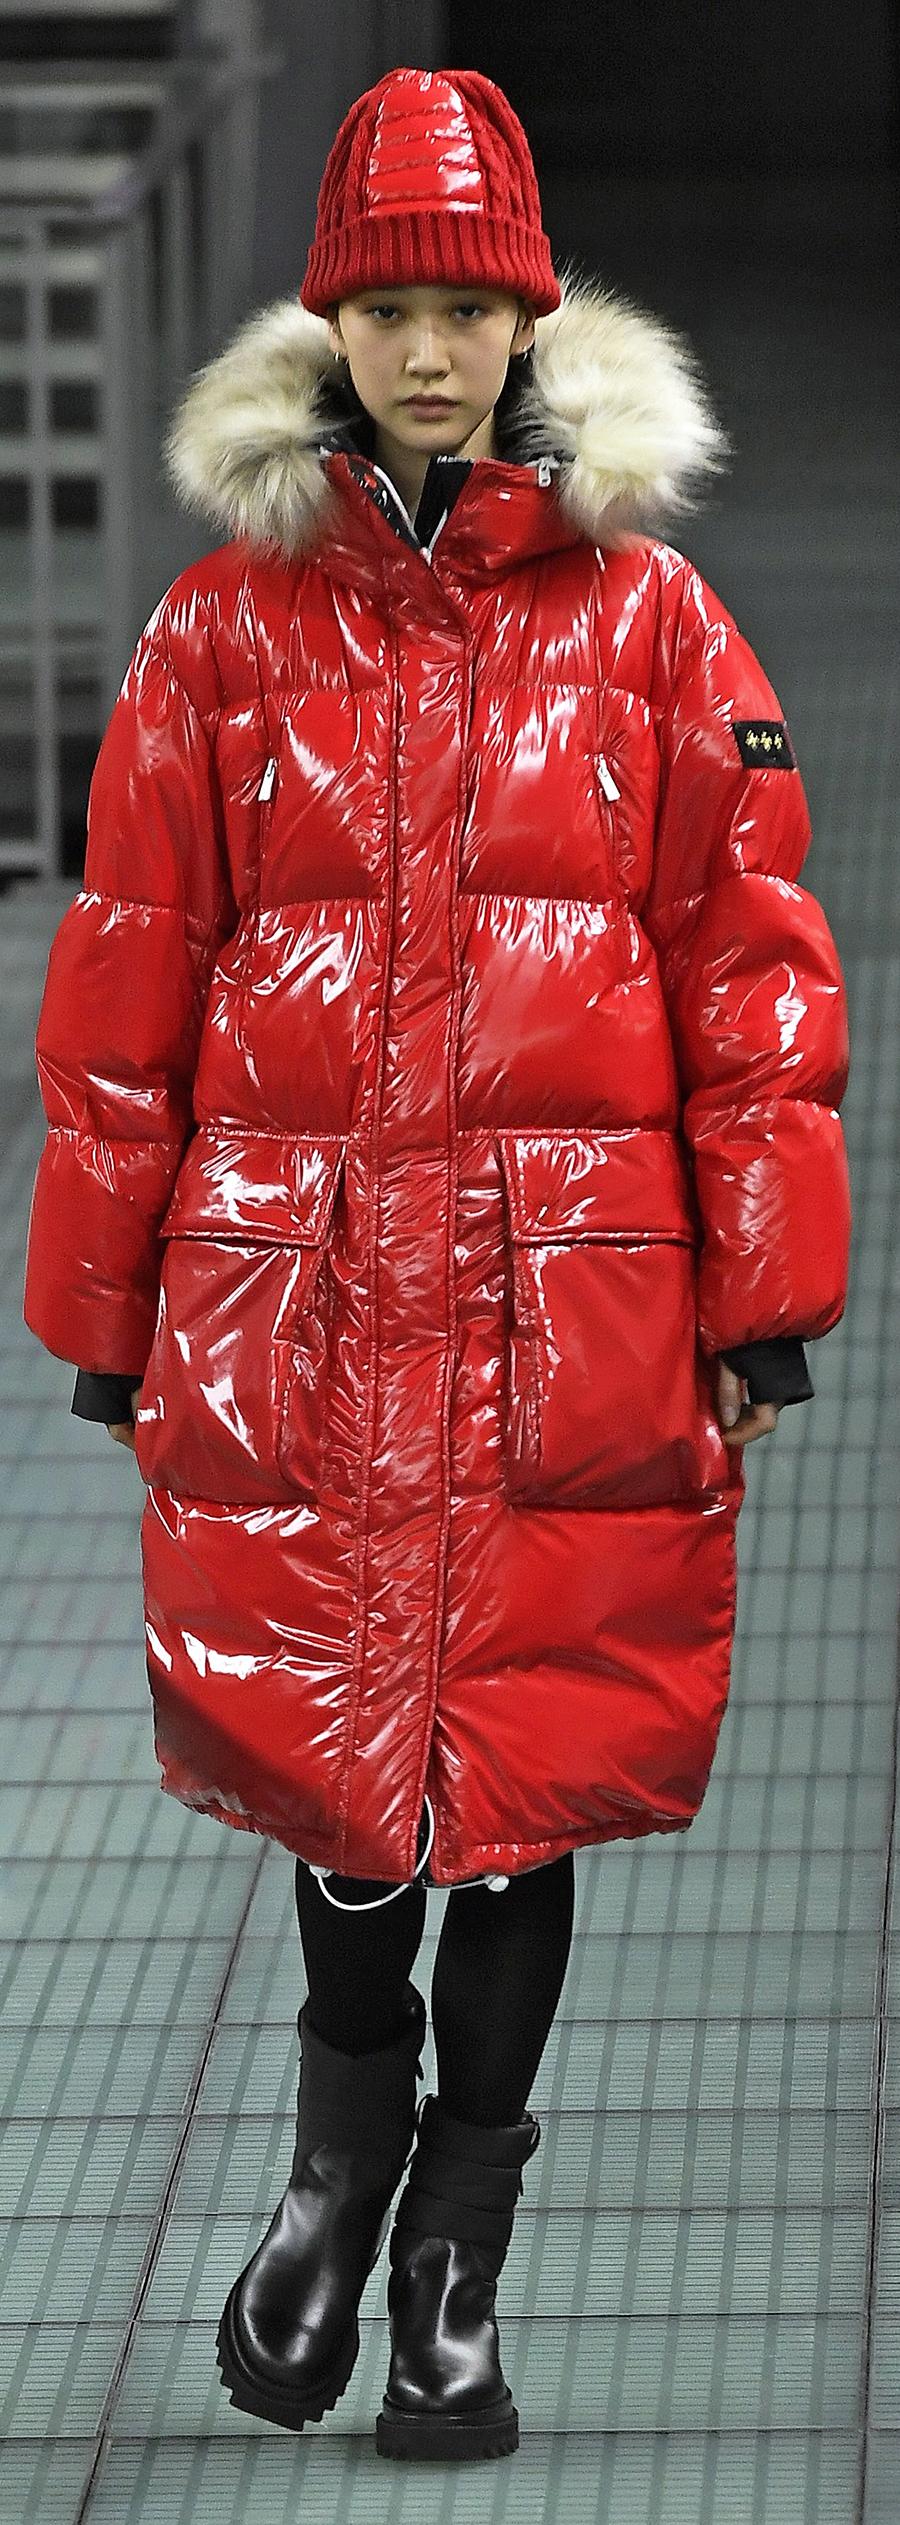 модный пуховик осень зима 2020 2021 красный блестящий с мехом длинный оверсайз